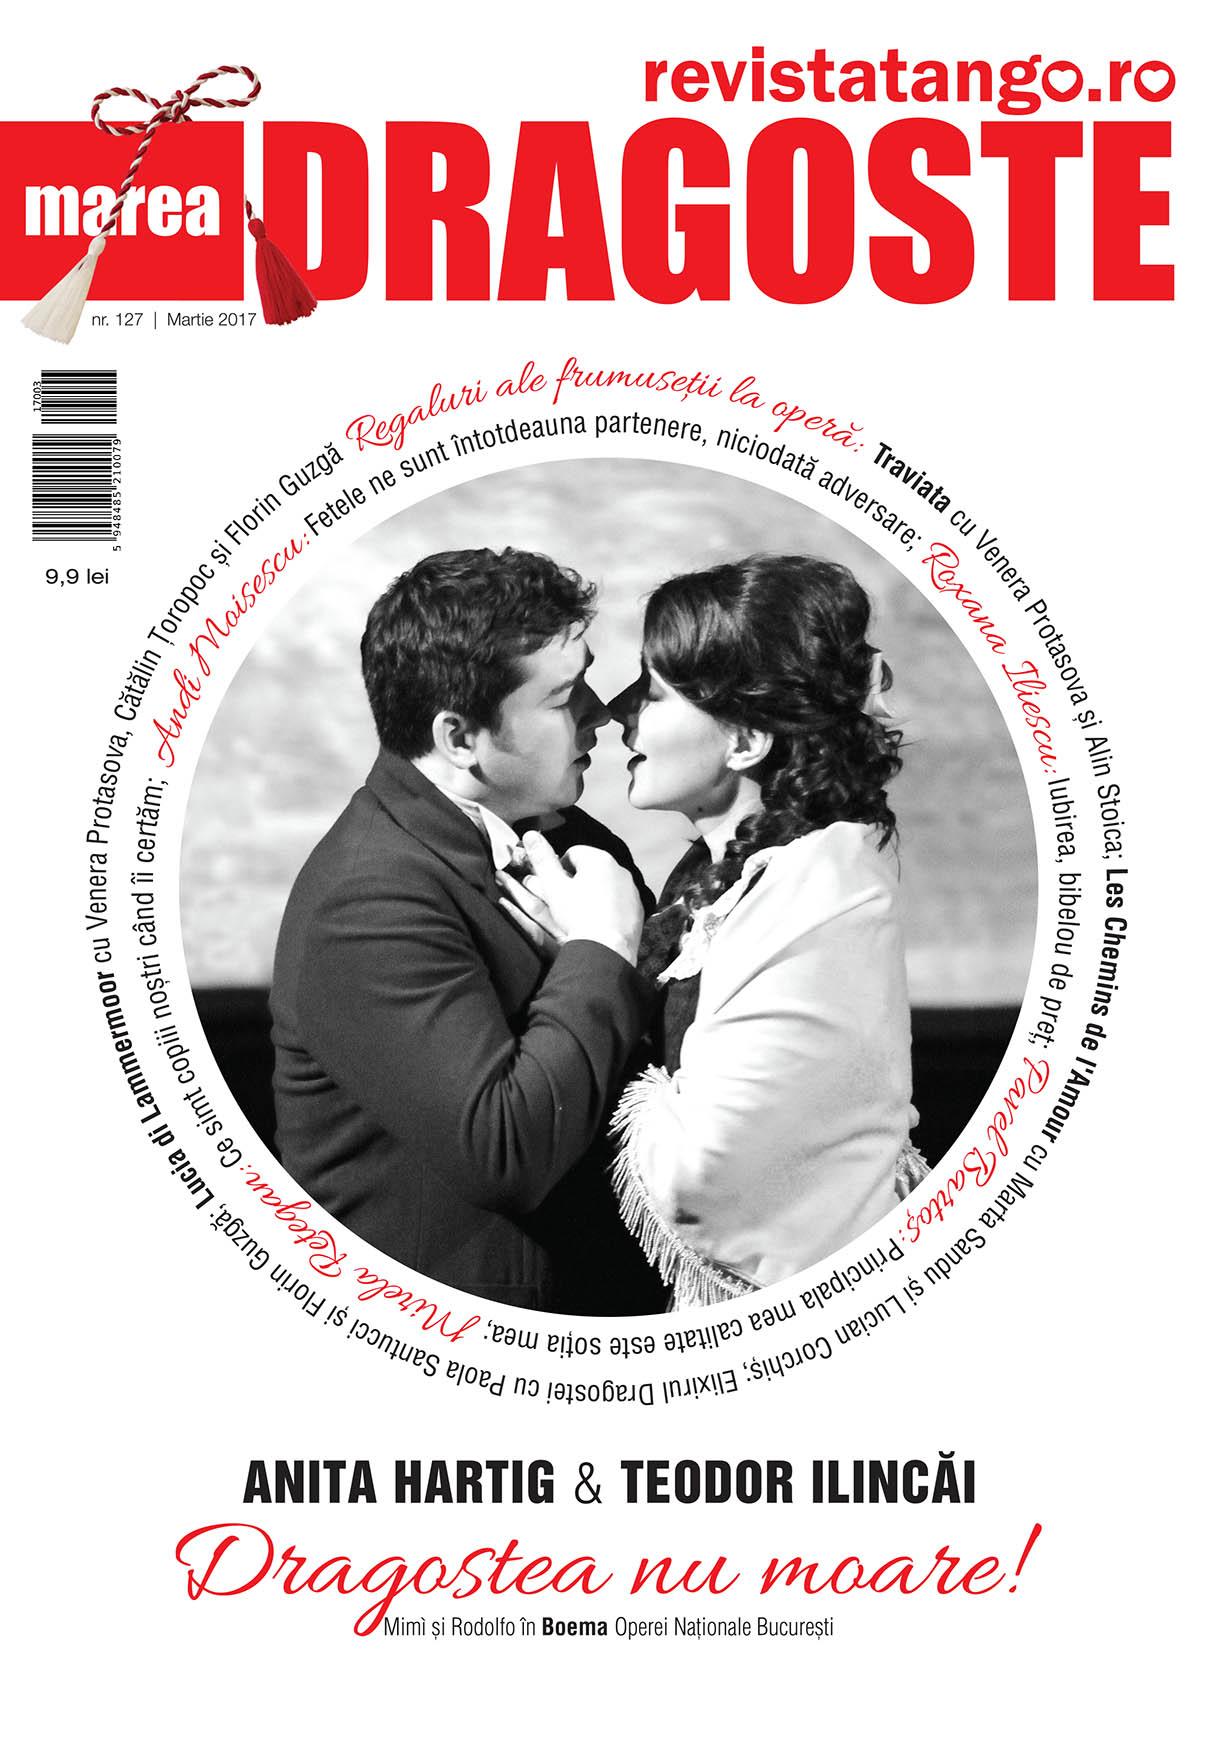 Anita Hartig (Mimi), Teodor Ilincai, Boema, pe coperta Marea Dragoste-revistatango.ro, nr. 127, martie 2017